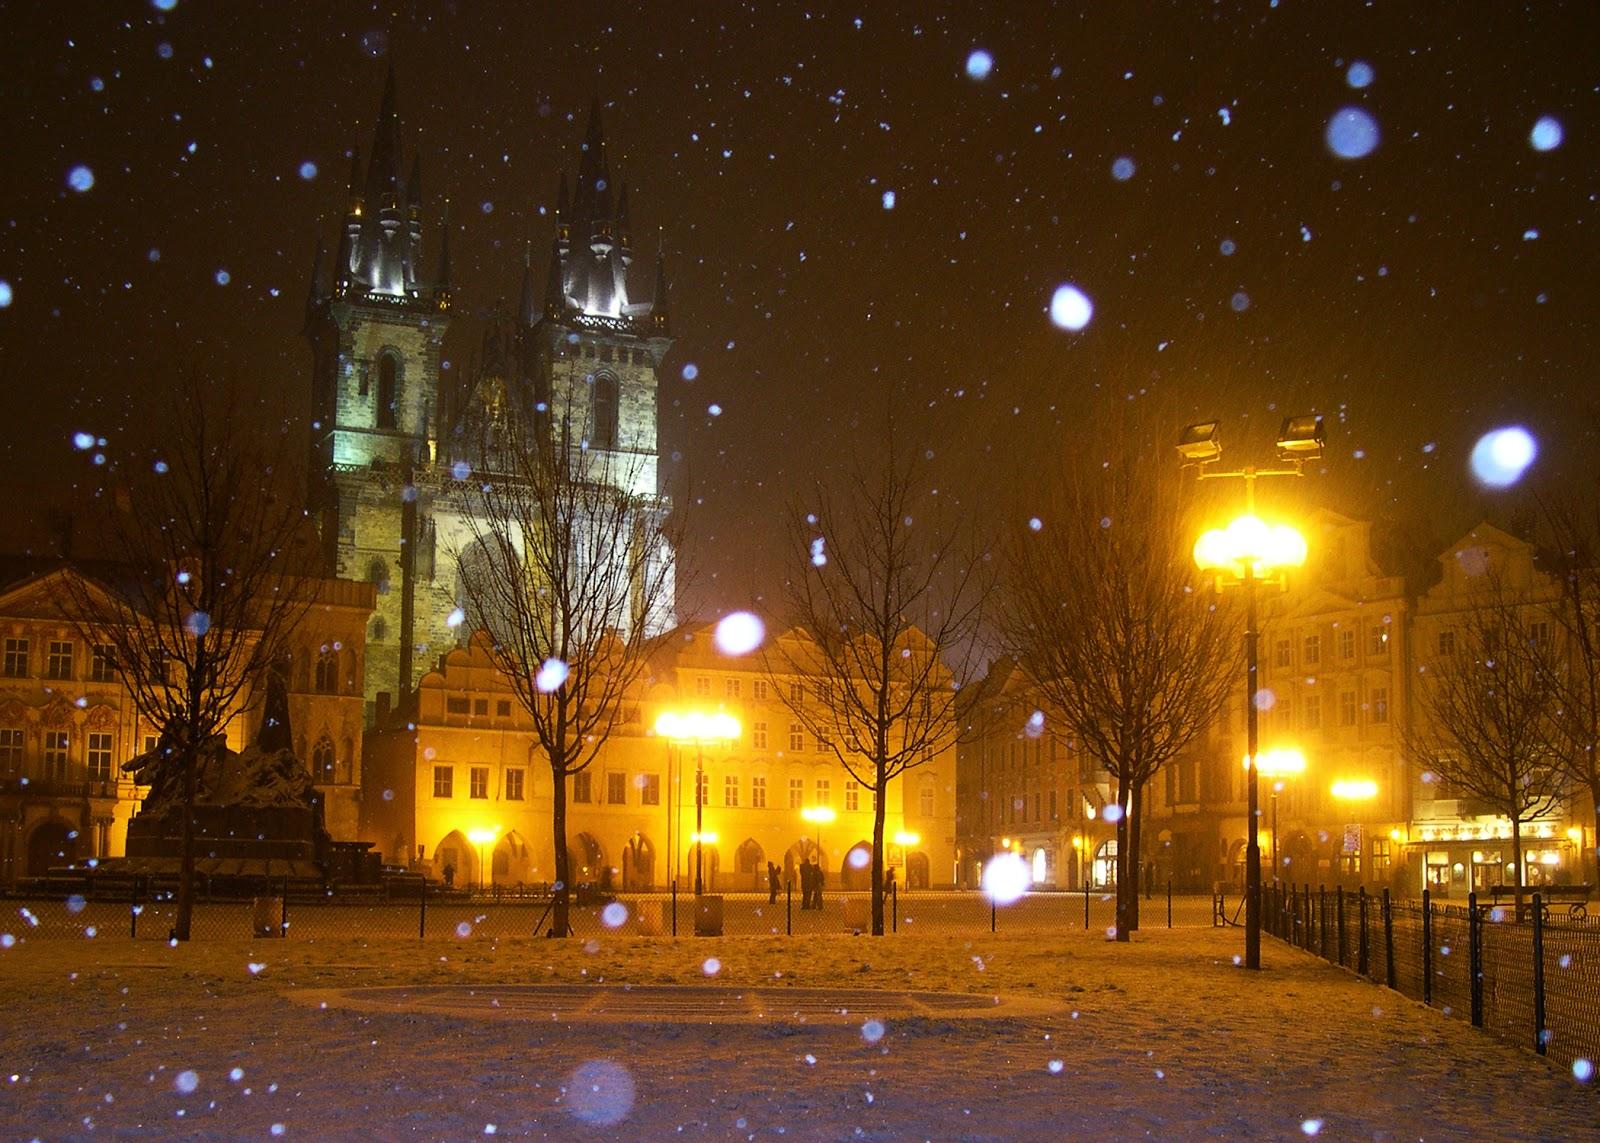 Prague in snow - Tyn Church